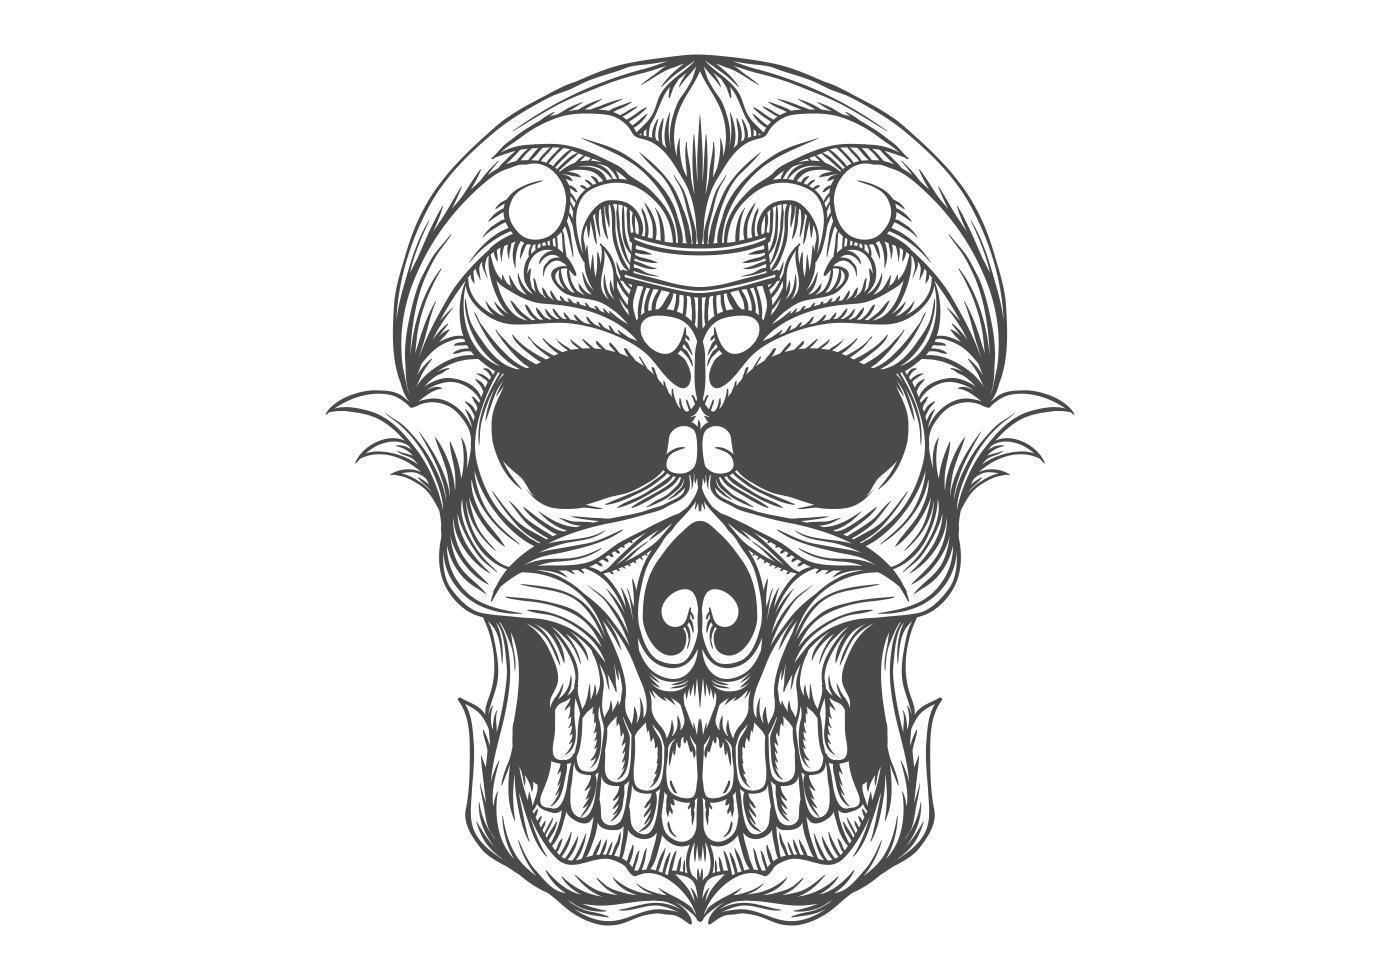 Desenho De Cabeca De Caveira Preto E Branco Download Vetores